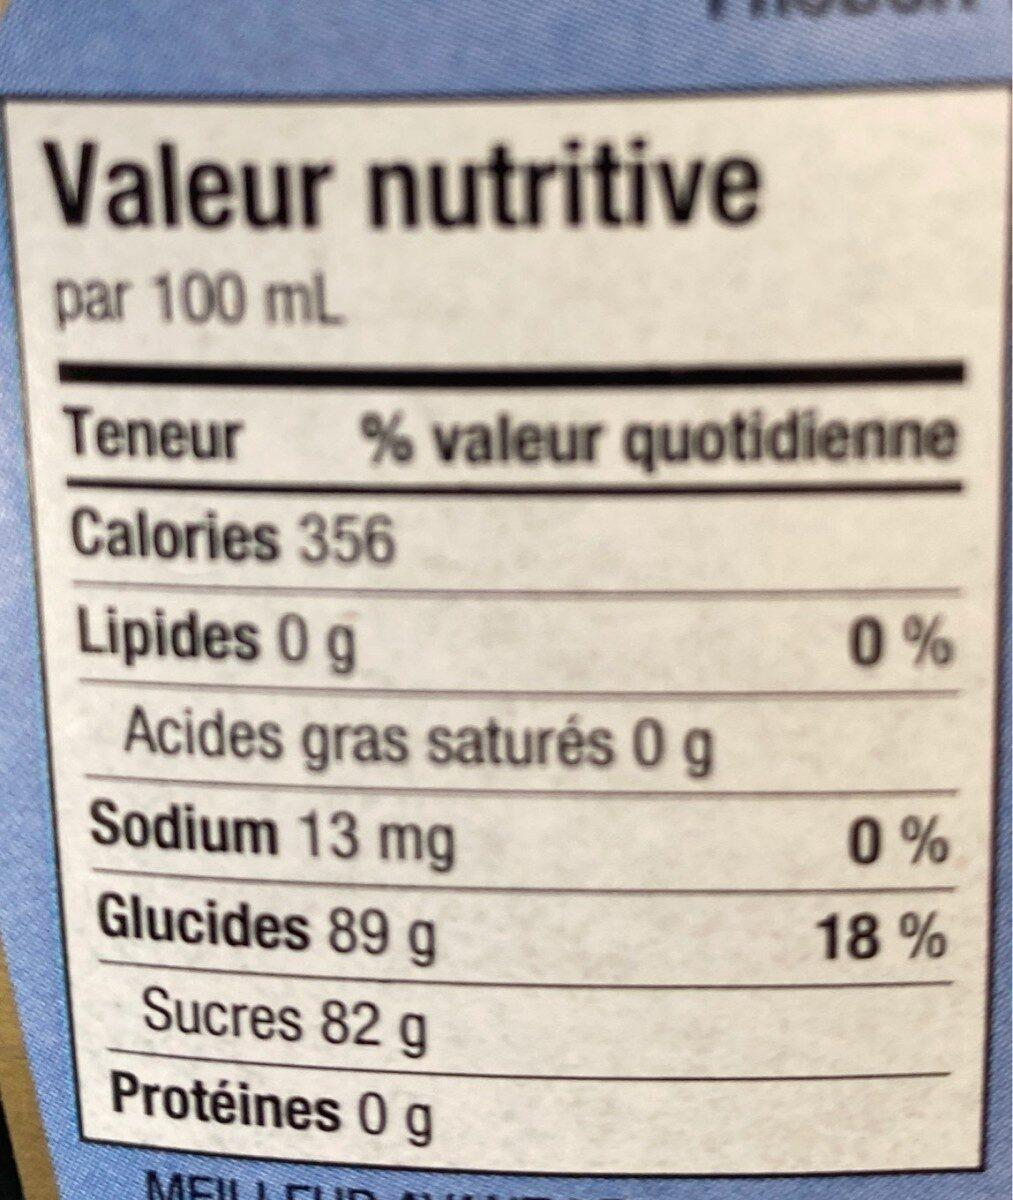 Sirop de bleuet du lac st-jean - Informations nutritionnelles - fr